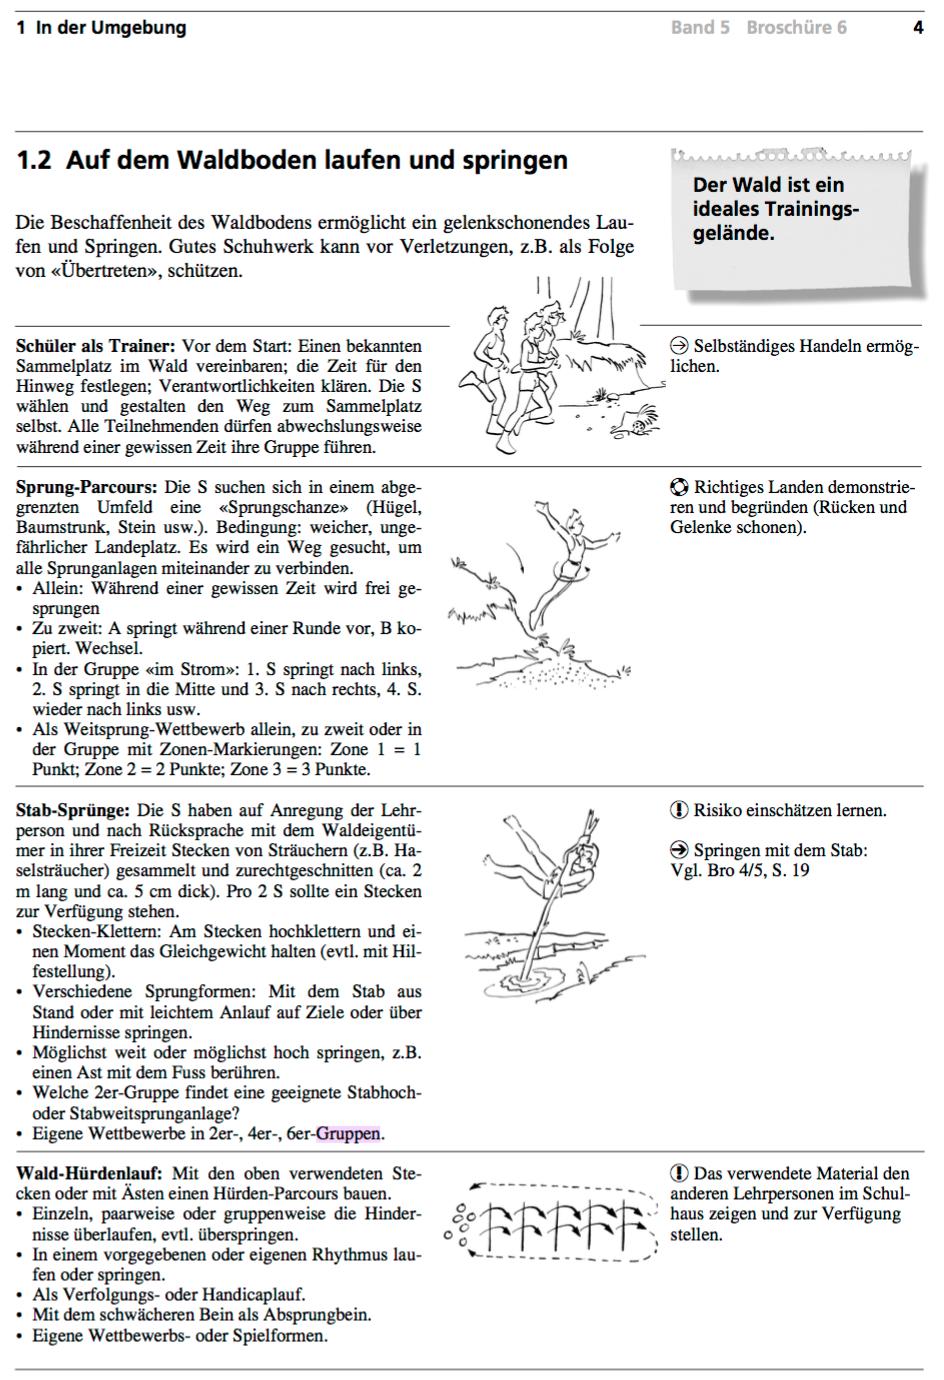 Preview image for LOM object Auf dem Waldboden laufen und springen (Hürdenlauf)